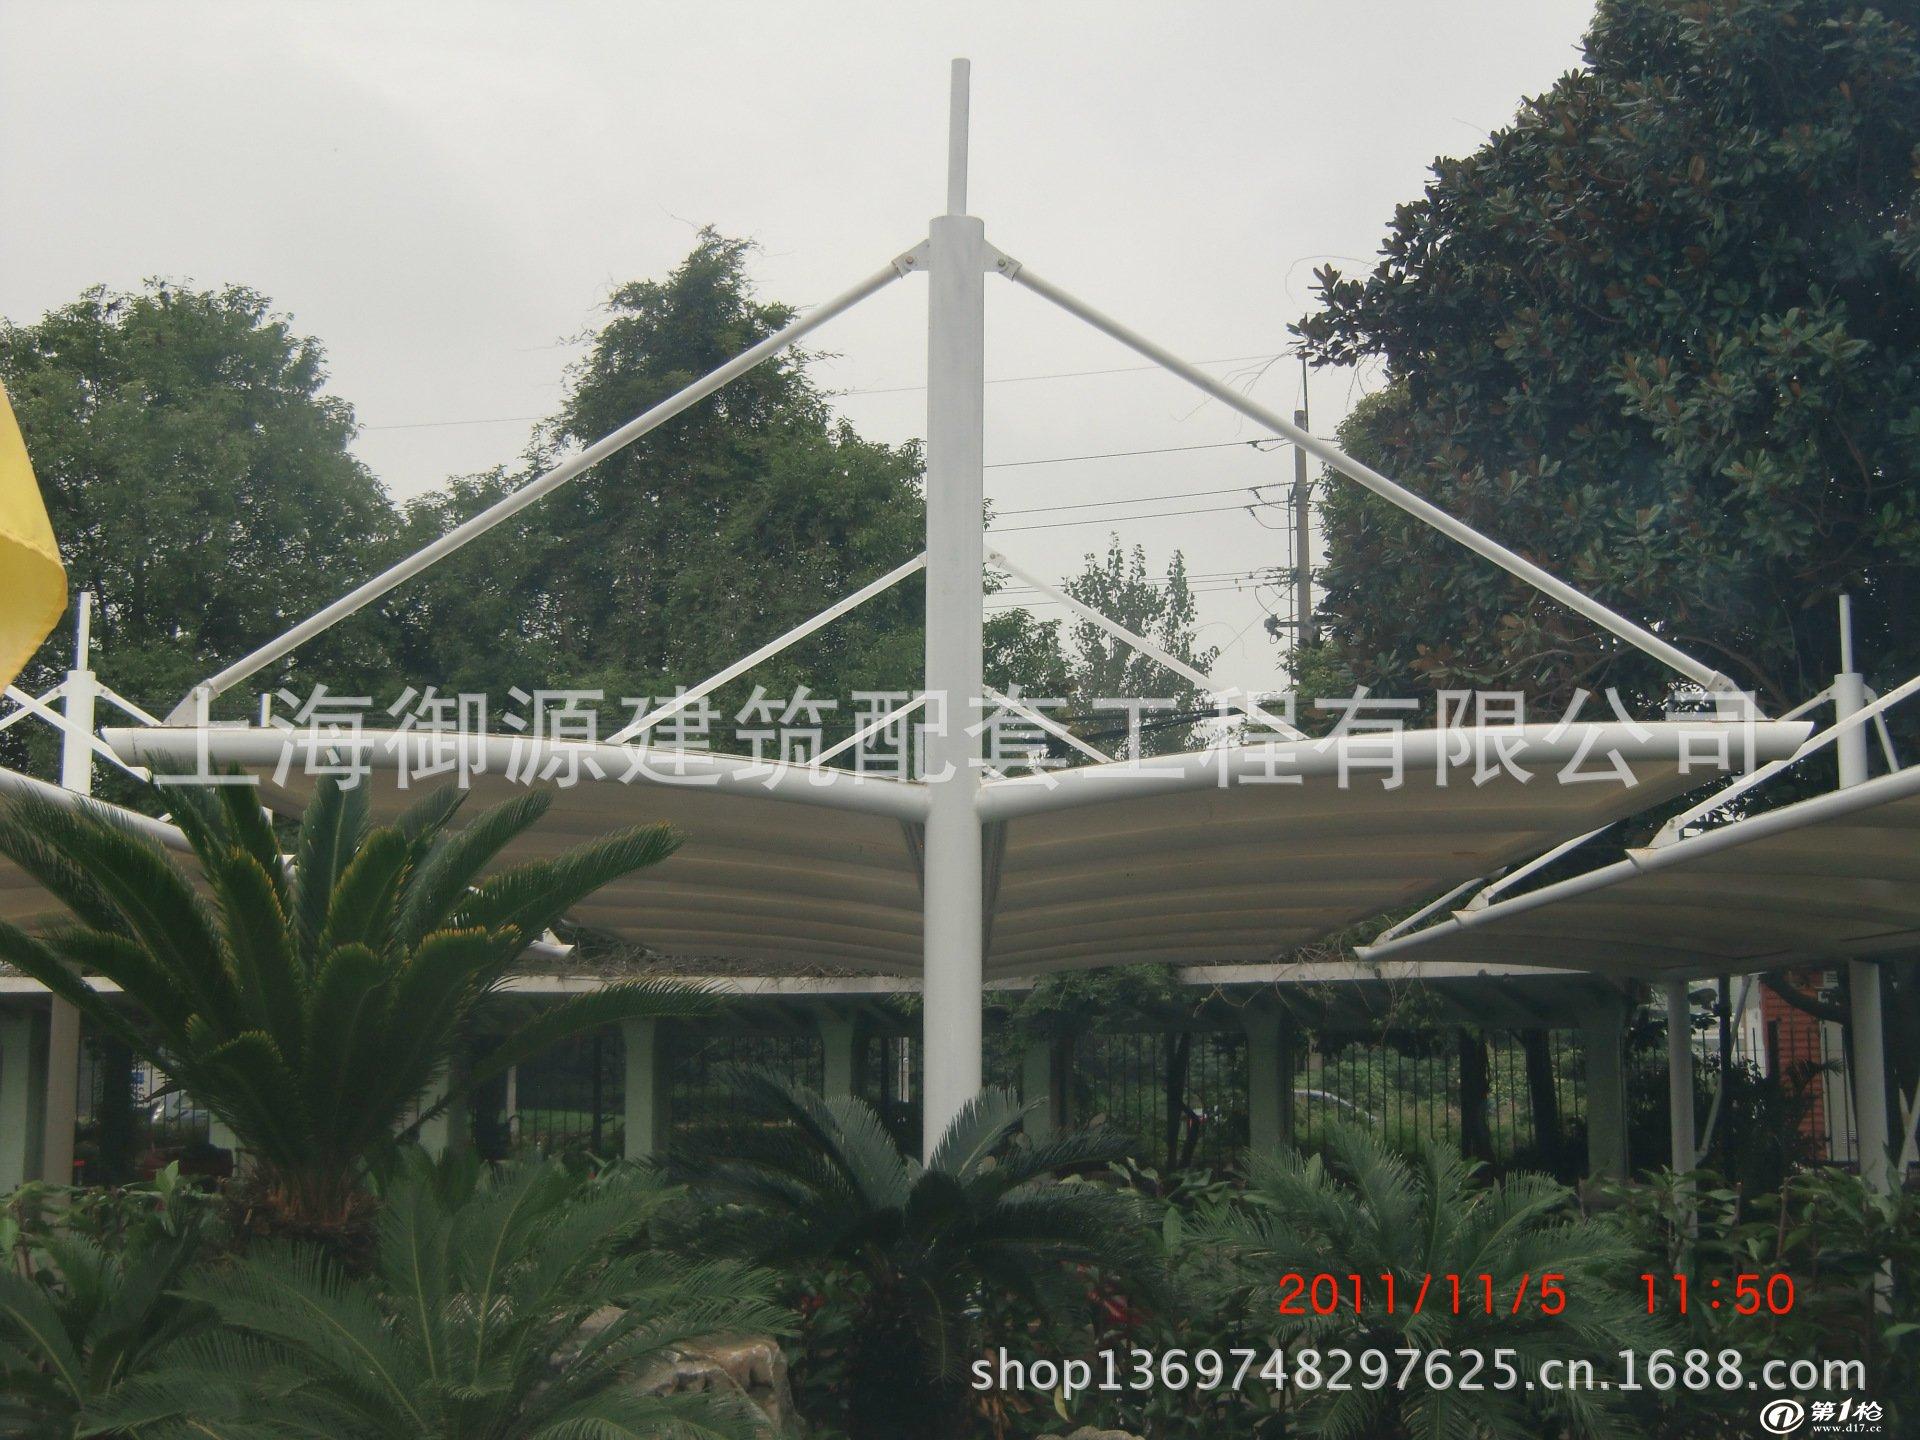 钢结构车棚的特点 钢结构车棚的篷布材质是钢结构,使用寿命长,一般15